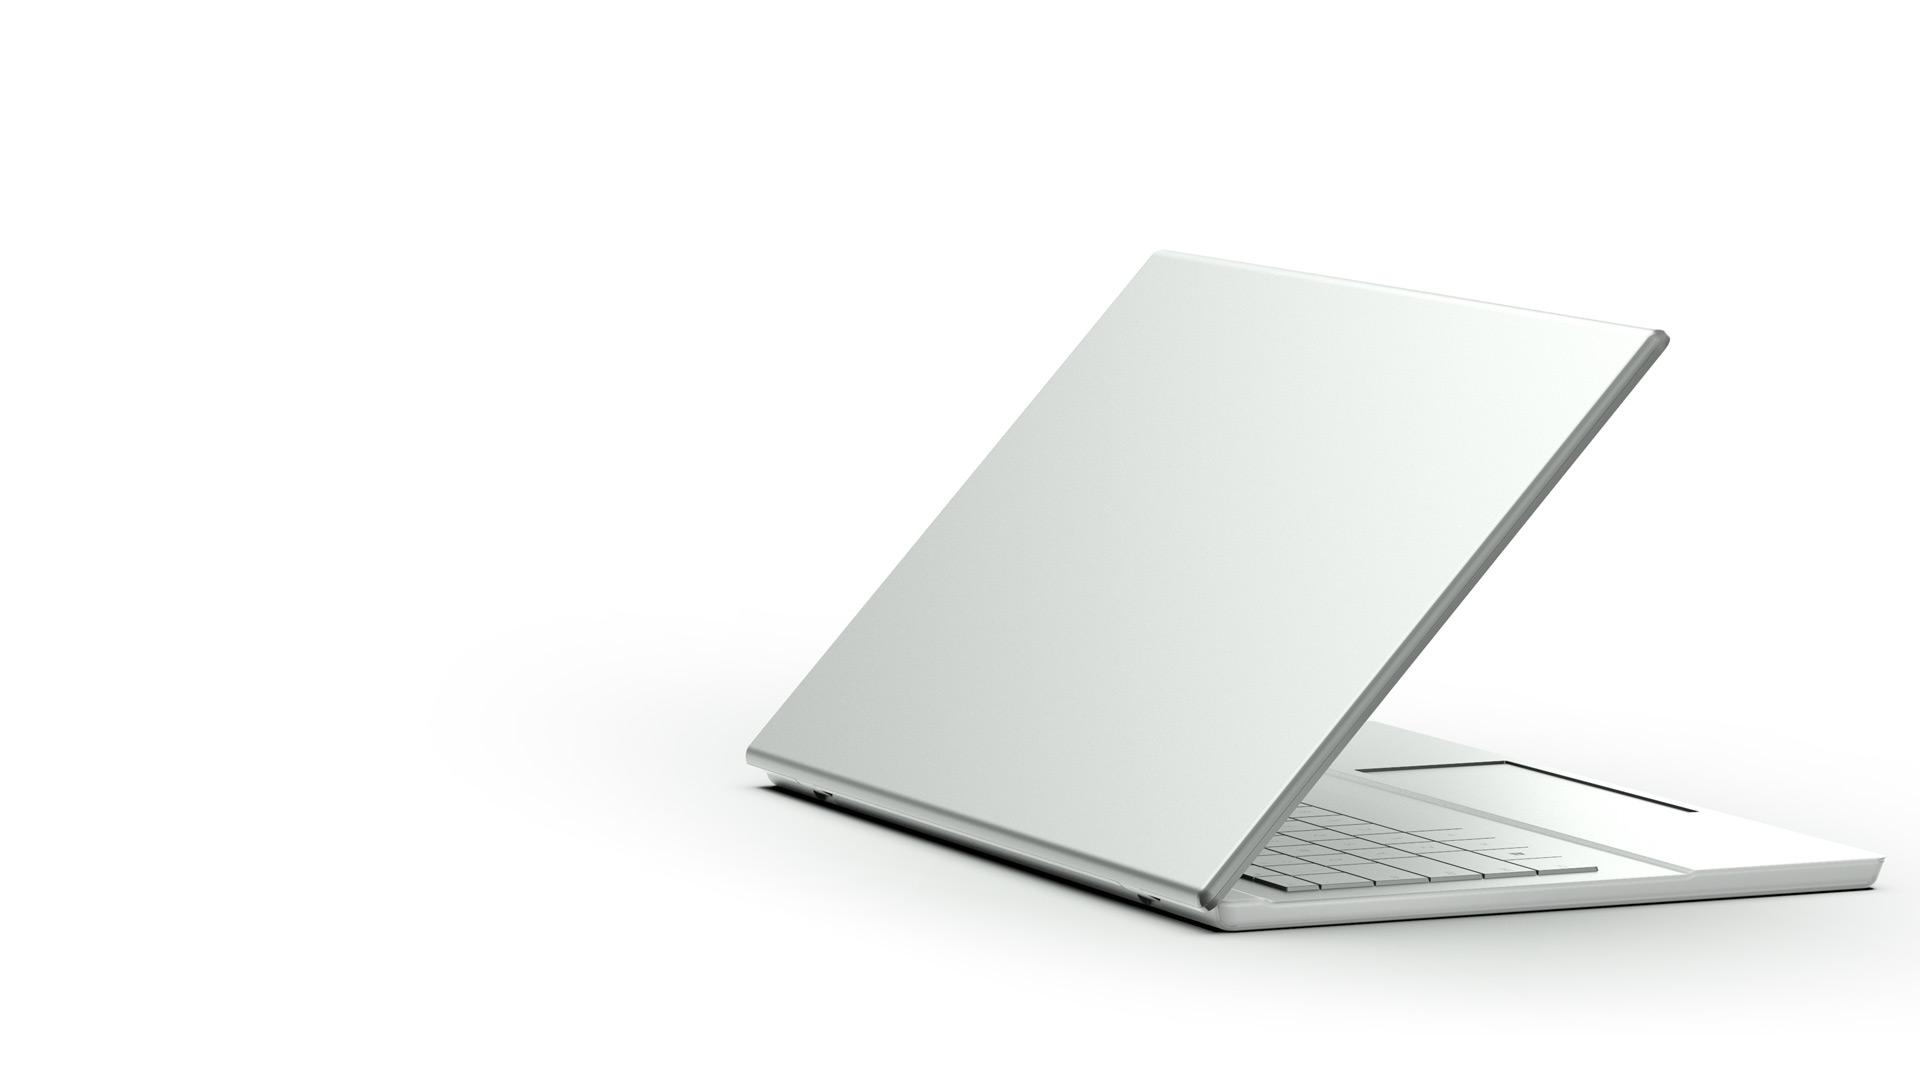 開いたままになっている Windows 10 ノート PC の背面